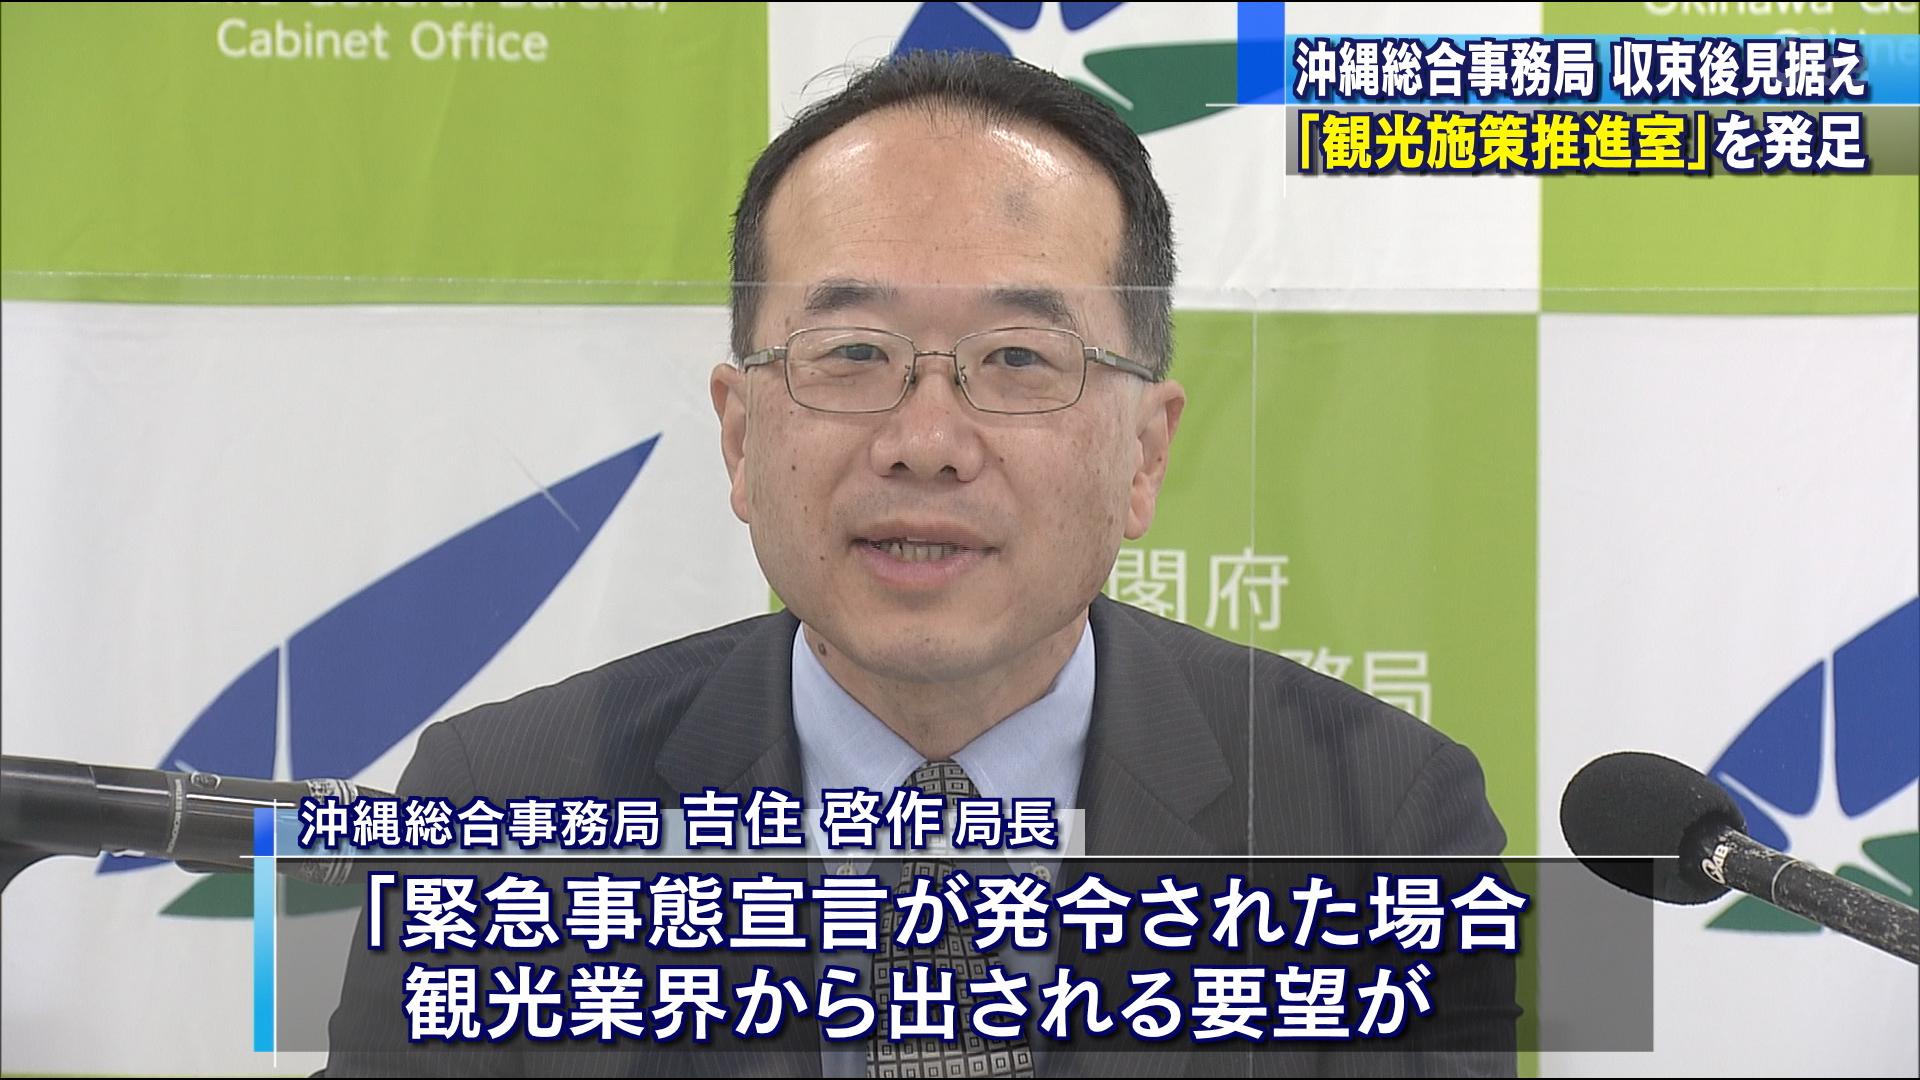 沖縄総合事務局に「観光施策推進室」発足